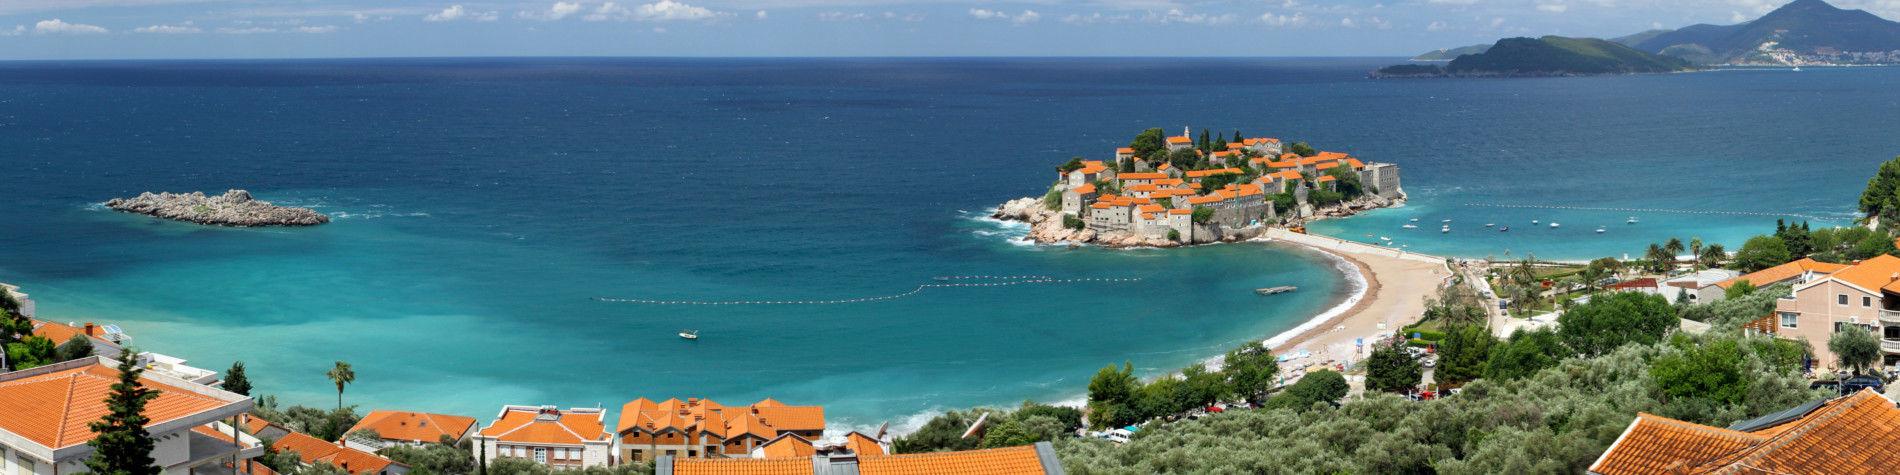 Montenegro Tcs Schweiz